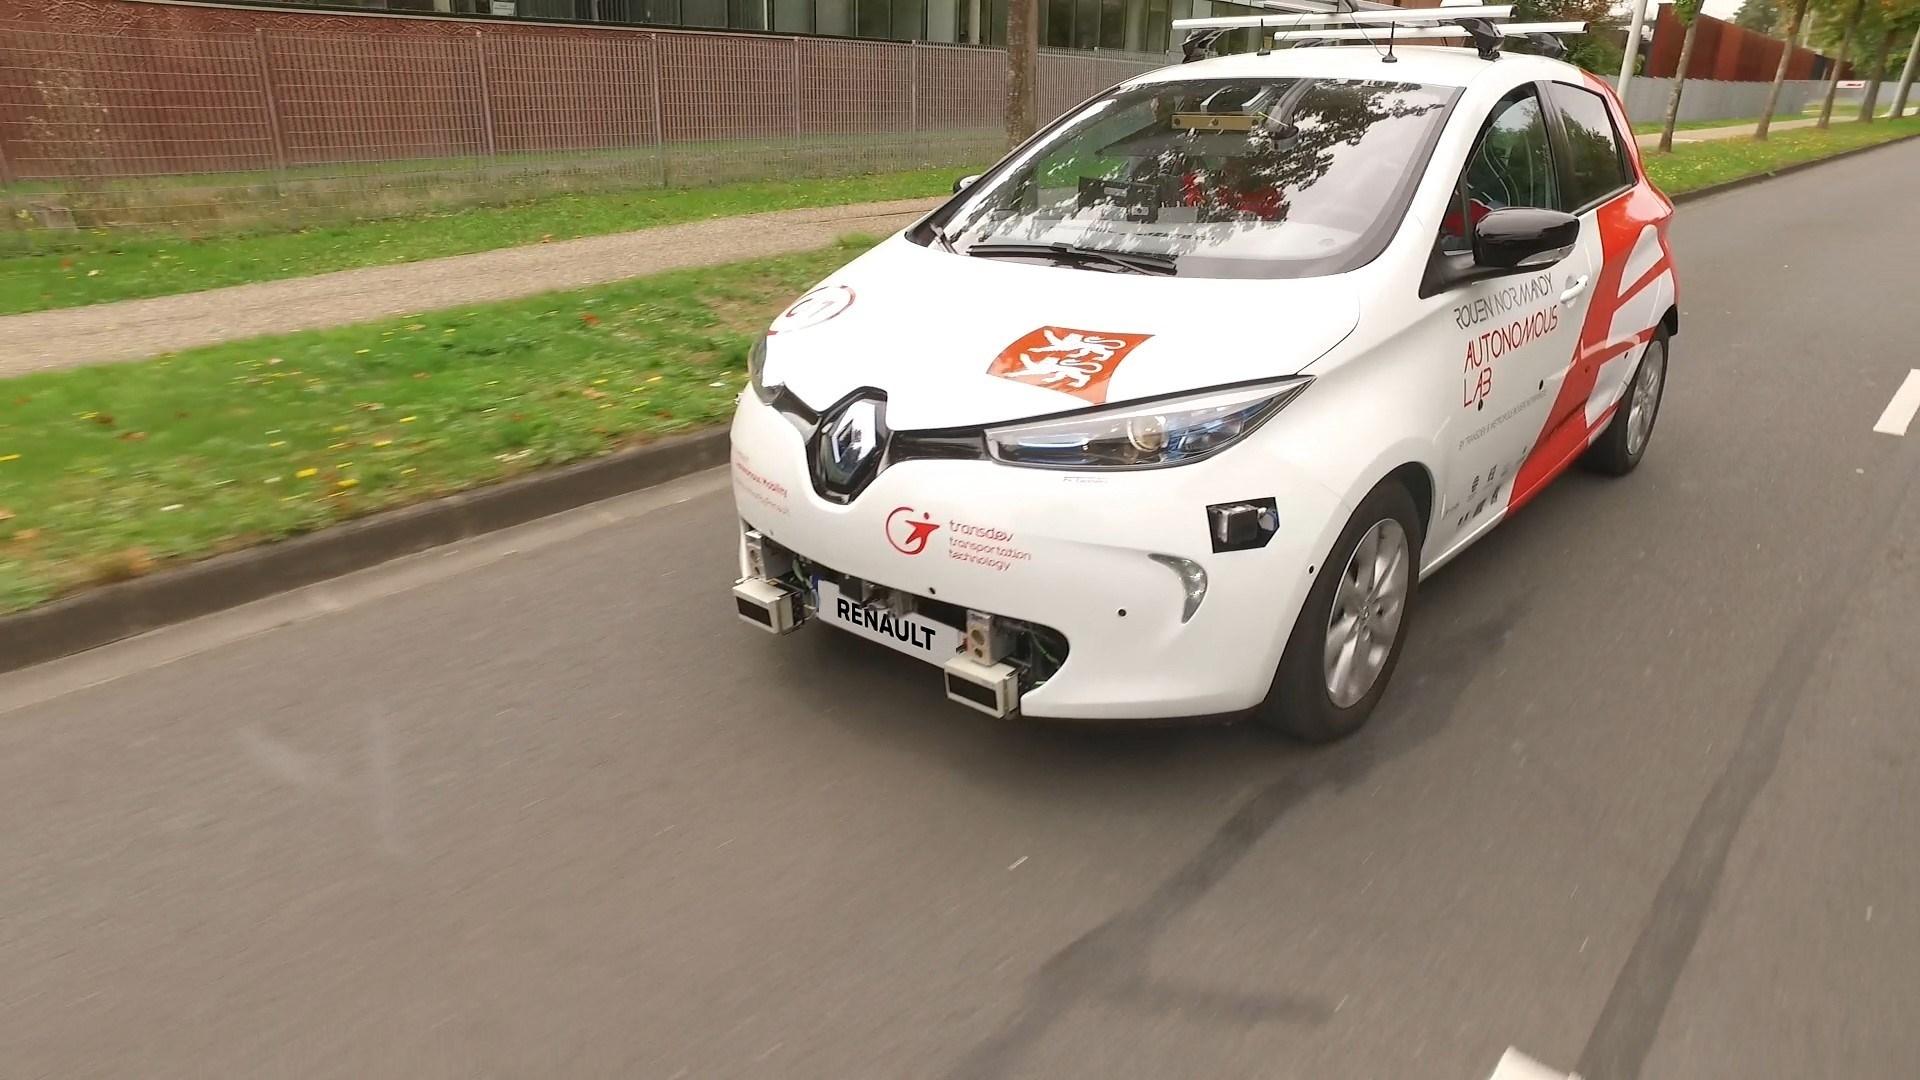 Auto libre rouen sat 31